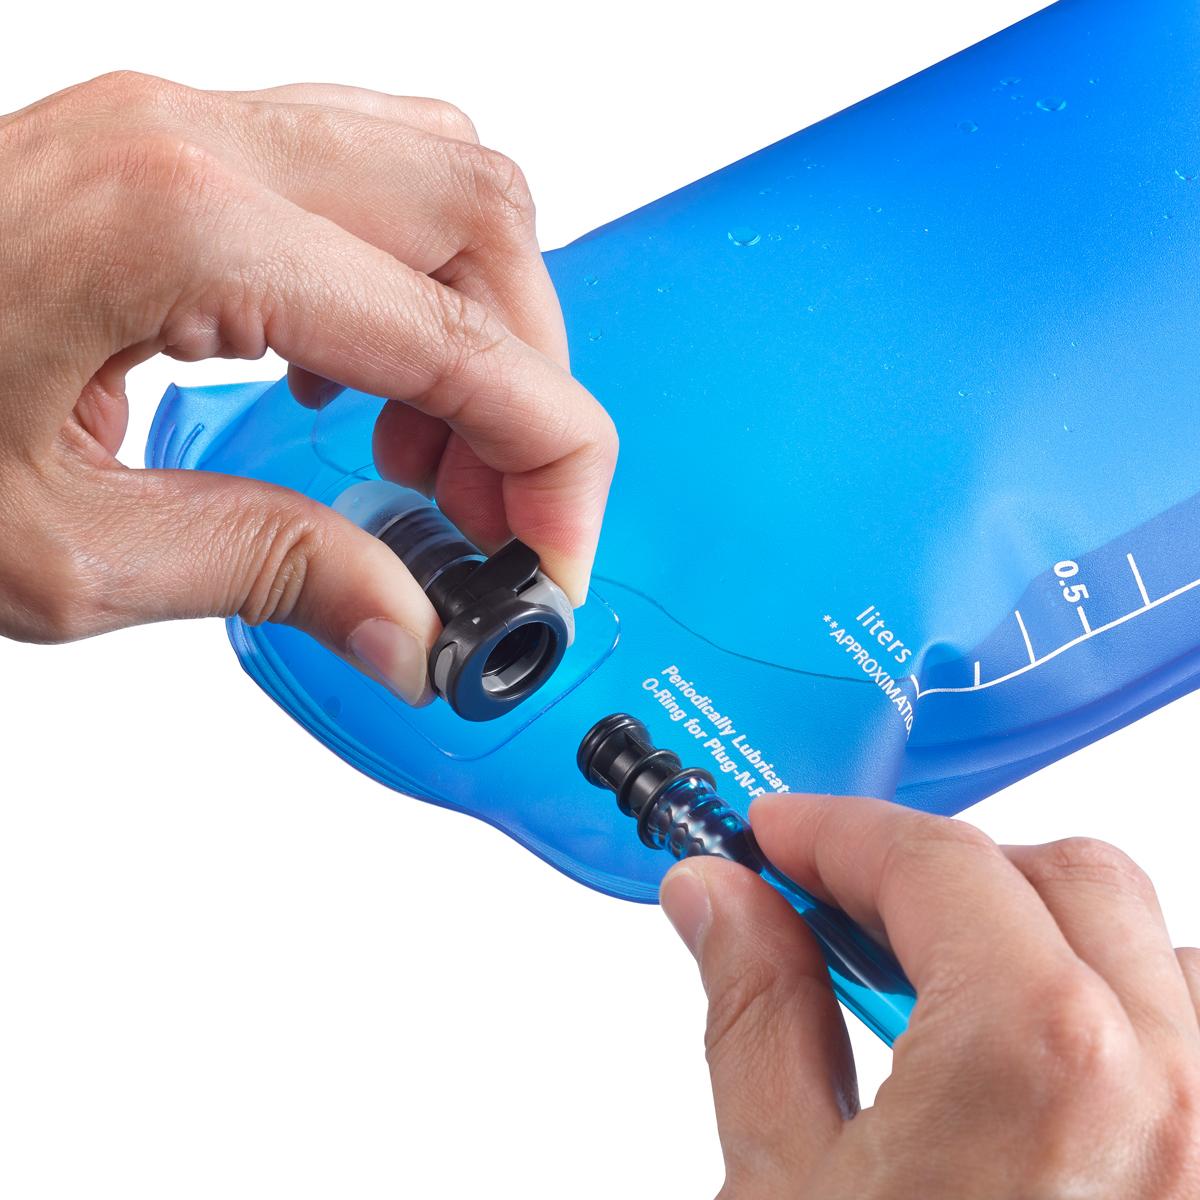 """Мягкая емкость Soft Reservoir совместима с любым рюкзаком-гидратором """"Salomon"""". Не содержит фталаты, ПВХ и бисфенол-А.  Мягкость.  Мягкий и пластичный гидратор не мешает посадке и удобству рюкзака от Salomon.  Не содержит ПВХ и бисфенол-А.  Гидратор, удобство которого вы чувствуете: не содержит ПВХ и бисфенол-А.  Удобство питья.  Клапан с двухпозиционной блокировкой.  Особенности:  -система Plug-n-Play,  -можно выворачивать.  -не содержит ПВХ и бисфенол-А,  -клапан с блокировкой и системой защиты от протекания,  -совместимость со всеми рюкзаками Salomon,  -шланг 90 см,  -сгибаемость,  -боковой вход,  -ТПУ (термополиуретан)."""